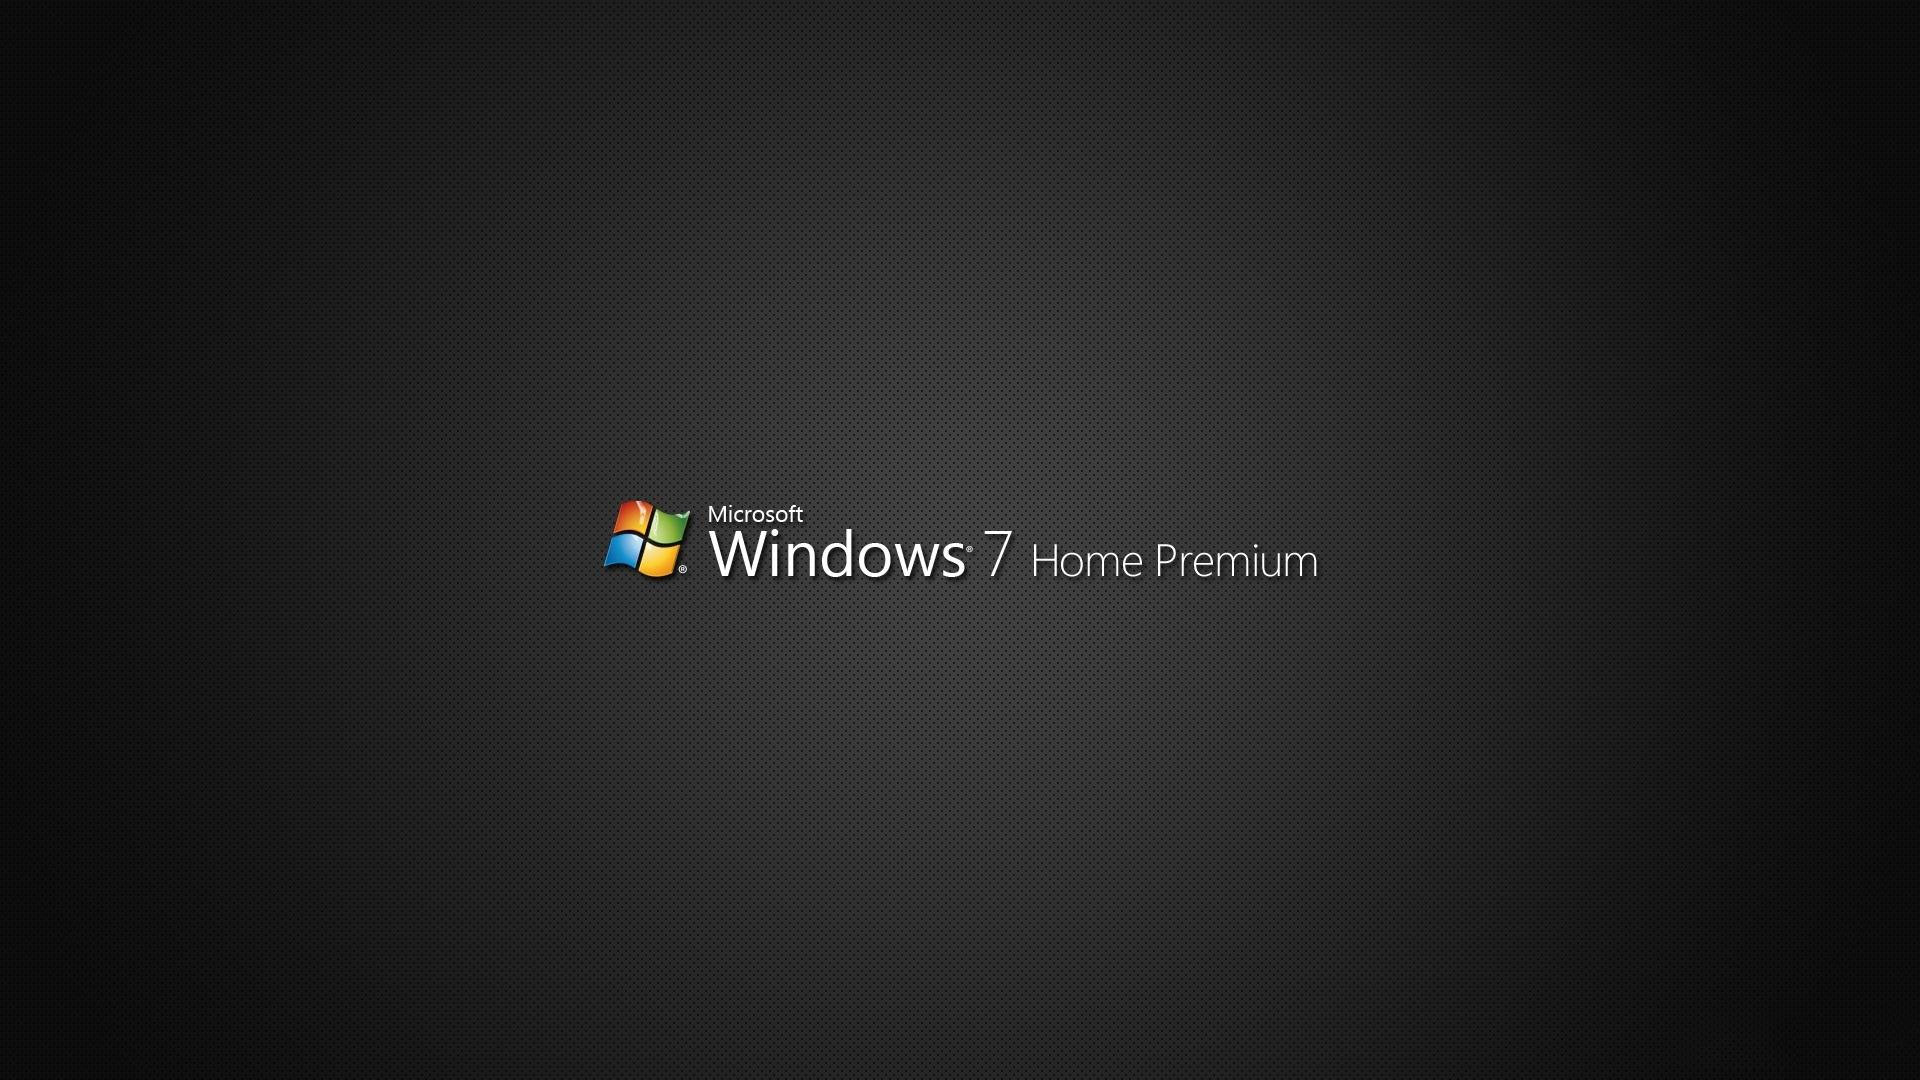 10 Best Windows 7 Home Premium Wallpaper Full Hd 19201080 For Pc